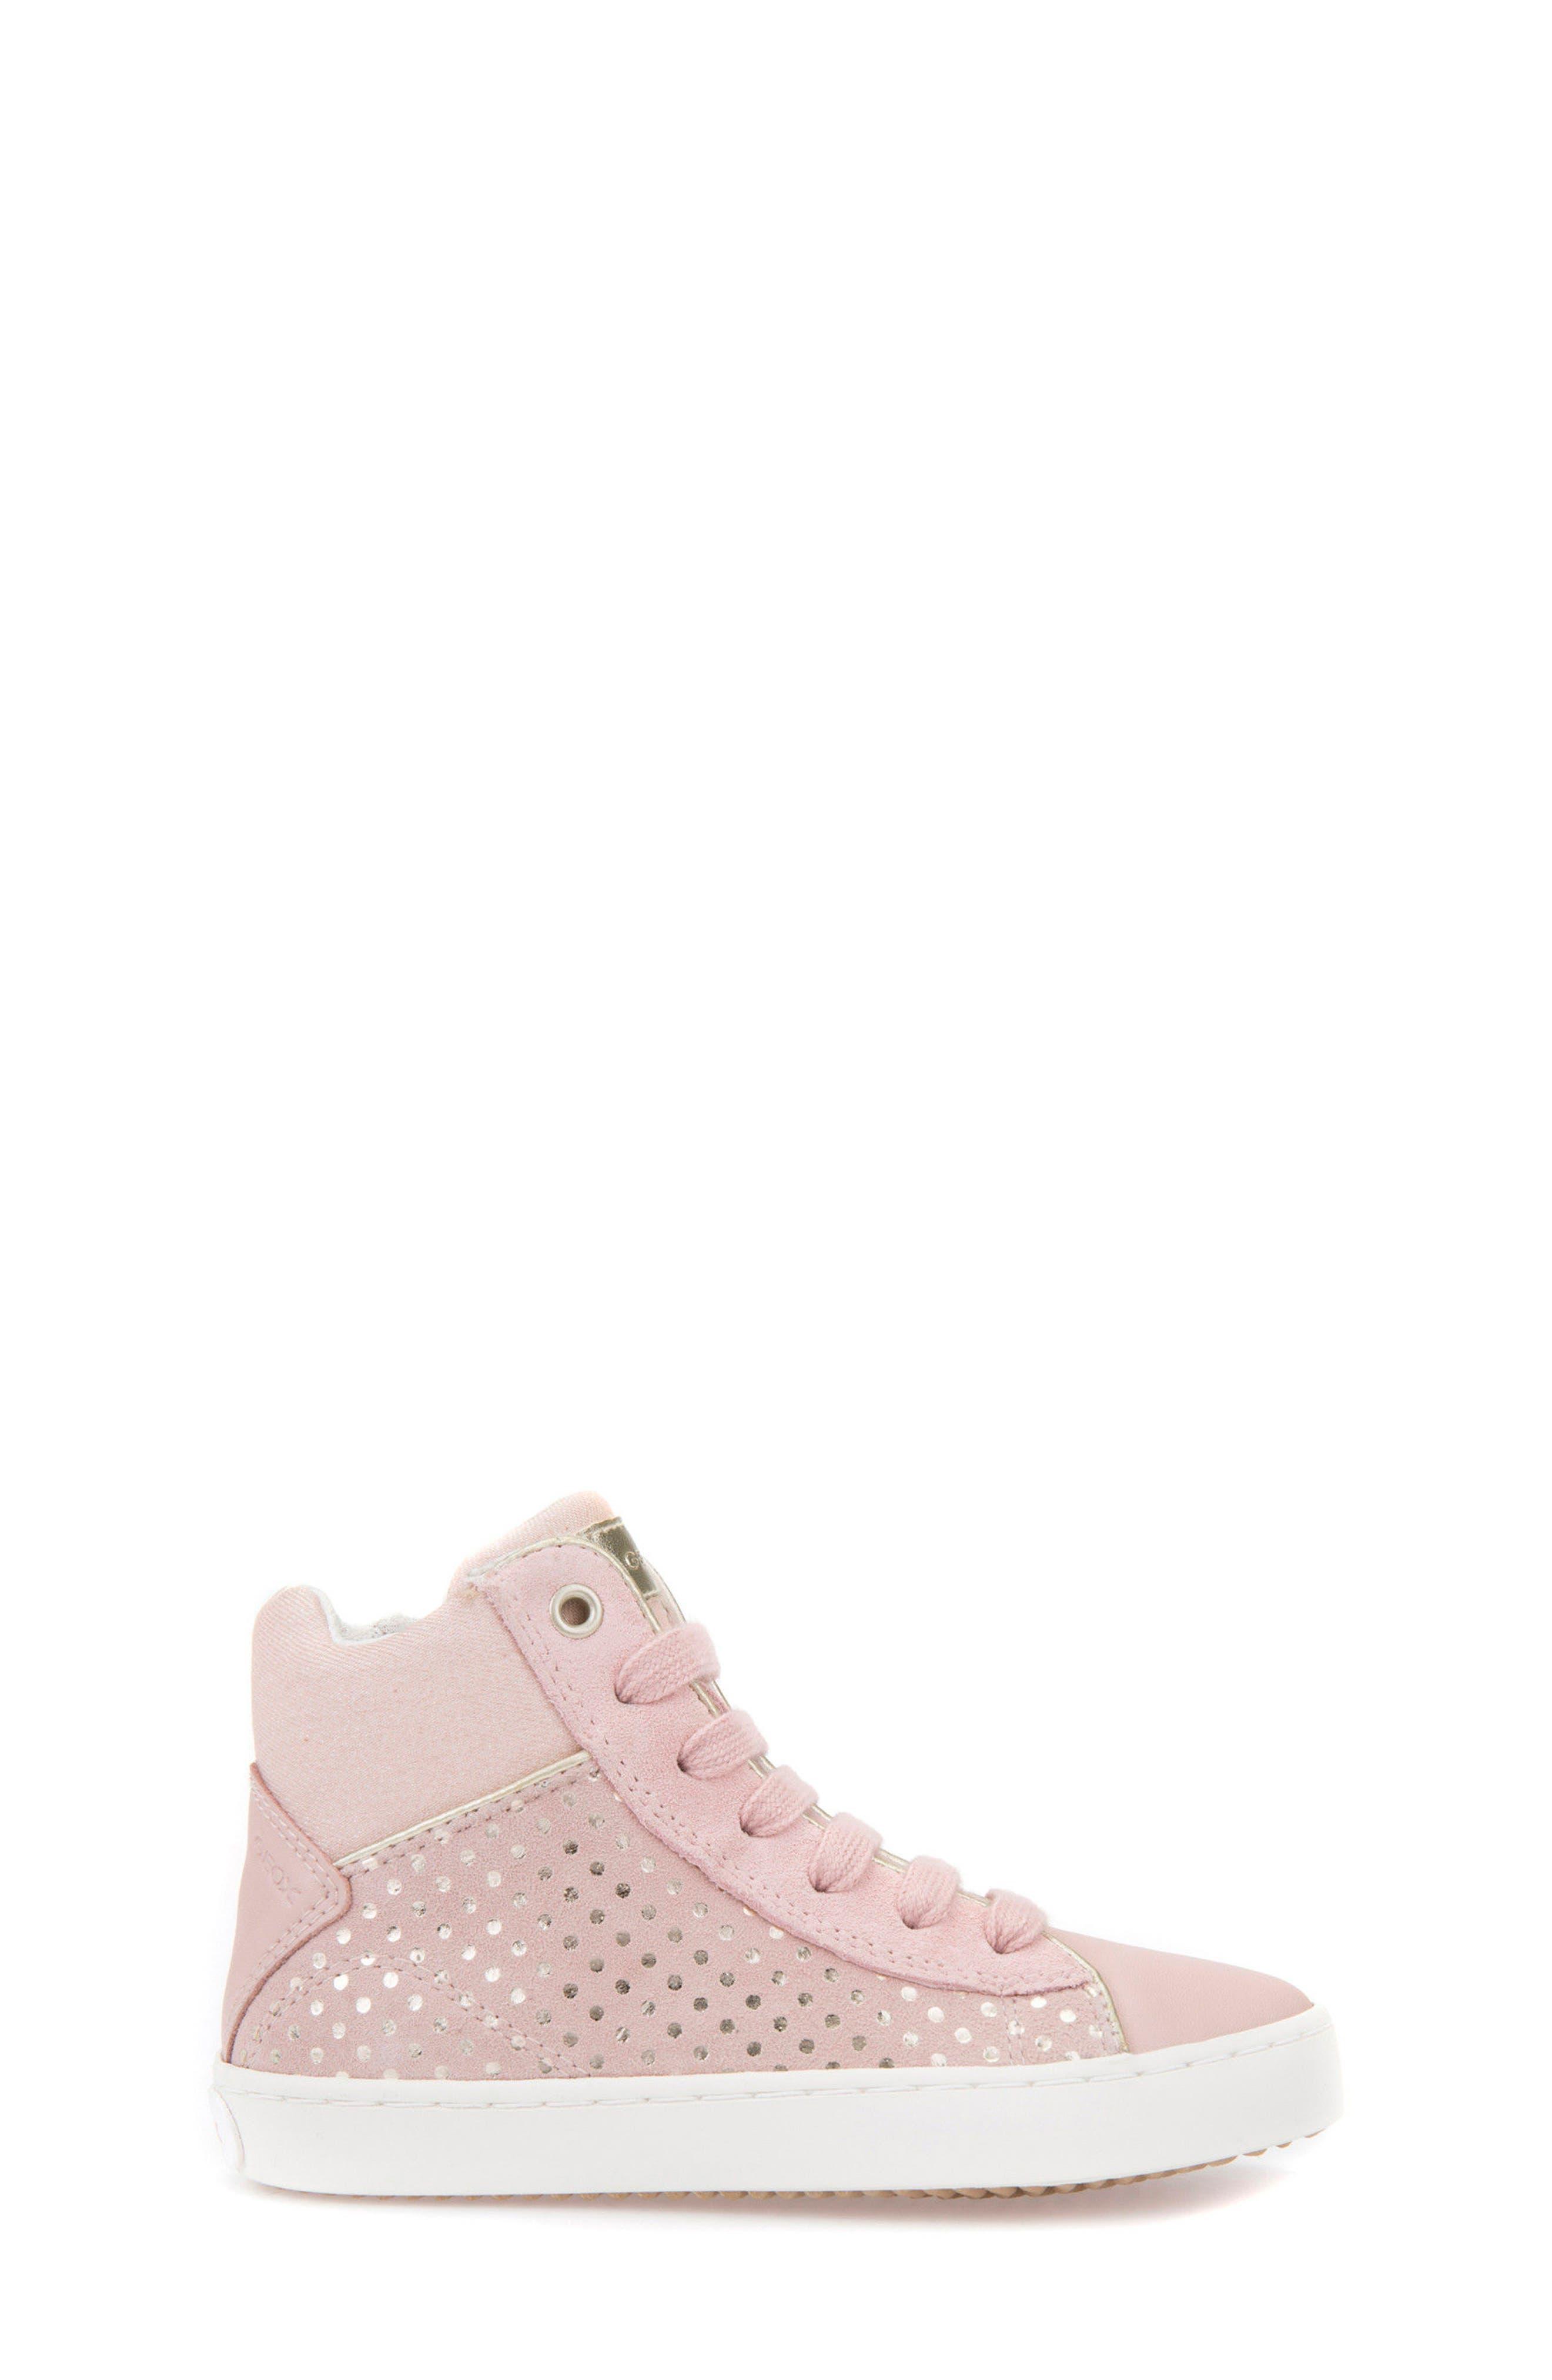 Kilwi High Top Zip Sneaker,                             Alternate thumbnail 3, color,                             Rose